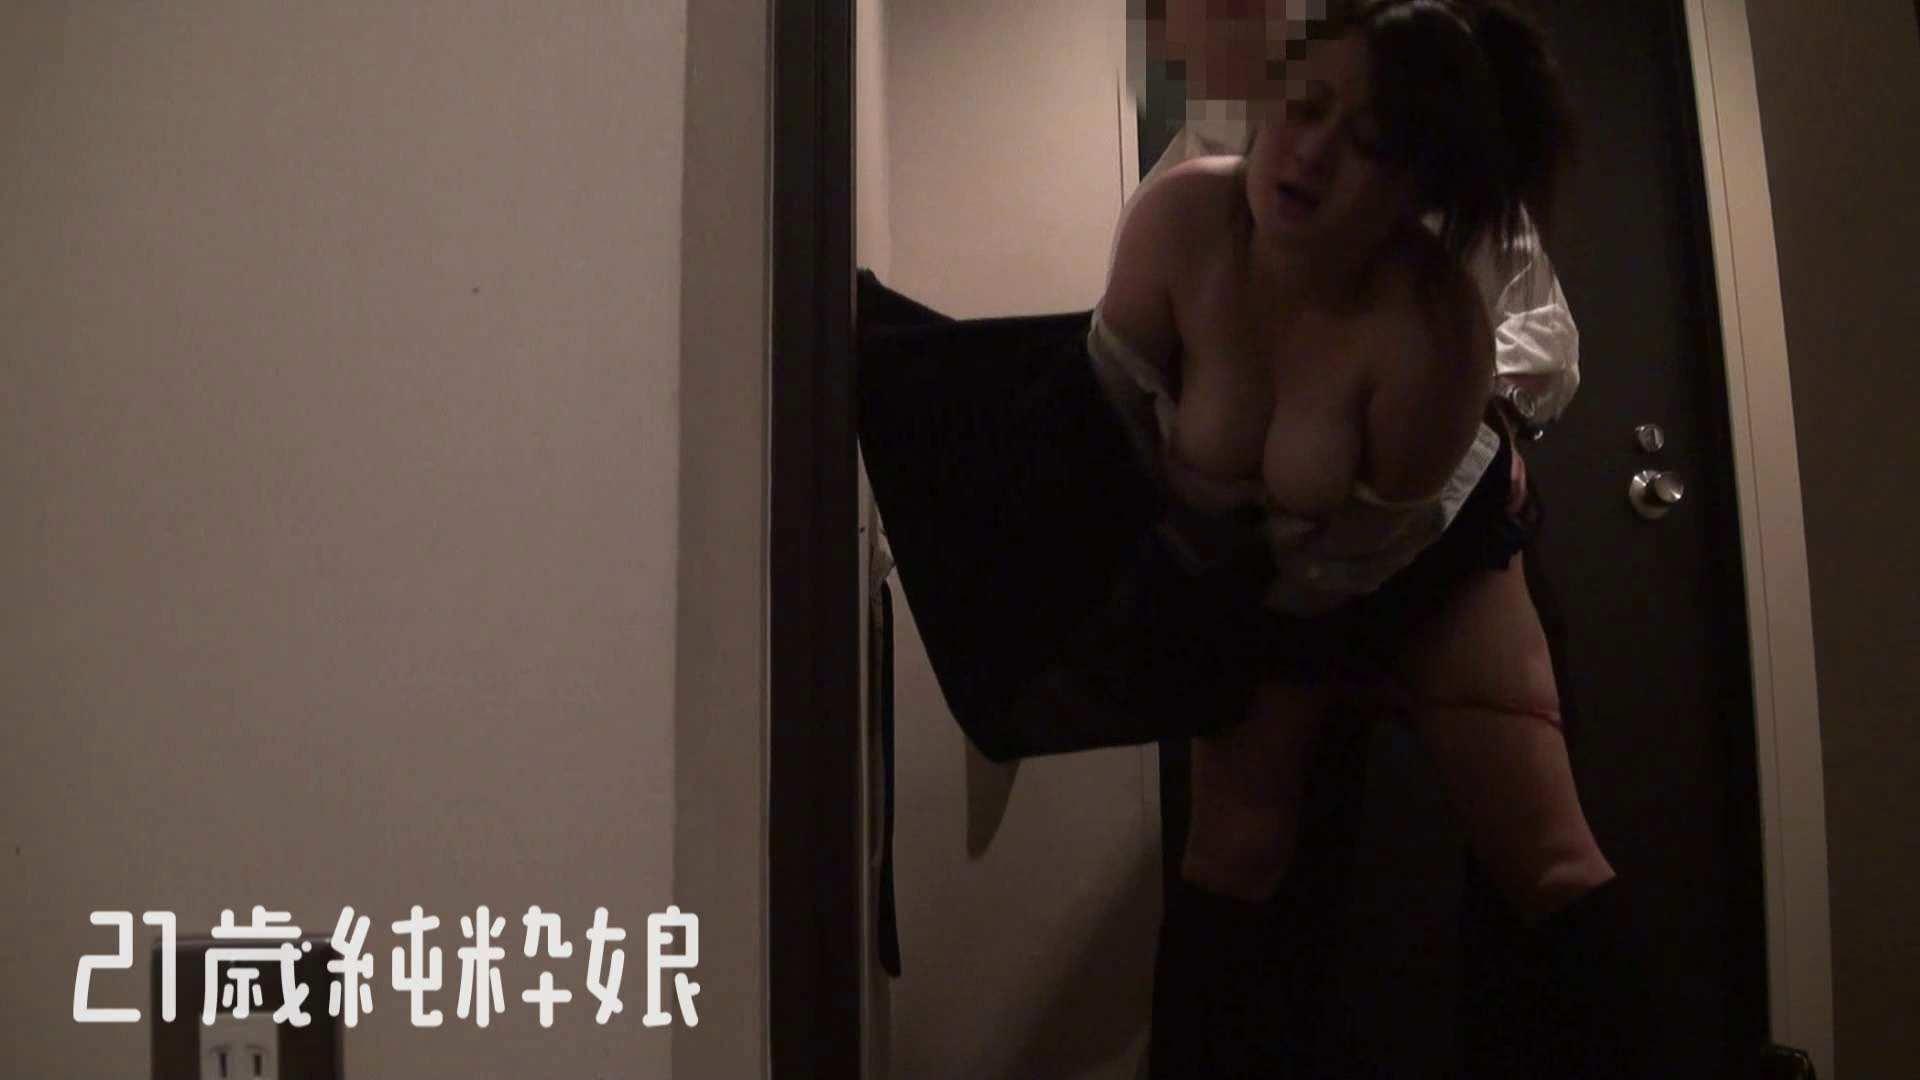 上京したばかりのGカップ21歳純粋嬢を都合の良い女にしてみた 学校 | 投稿映像  86pic 46